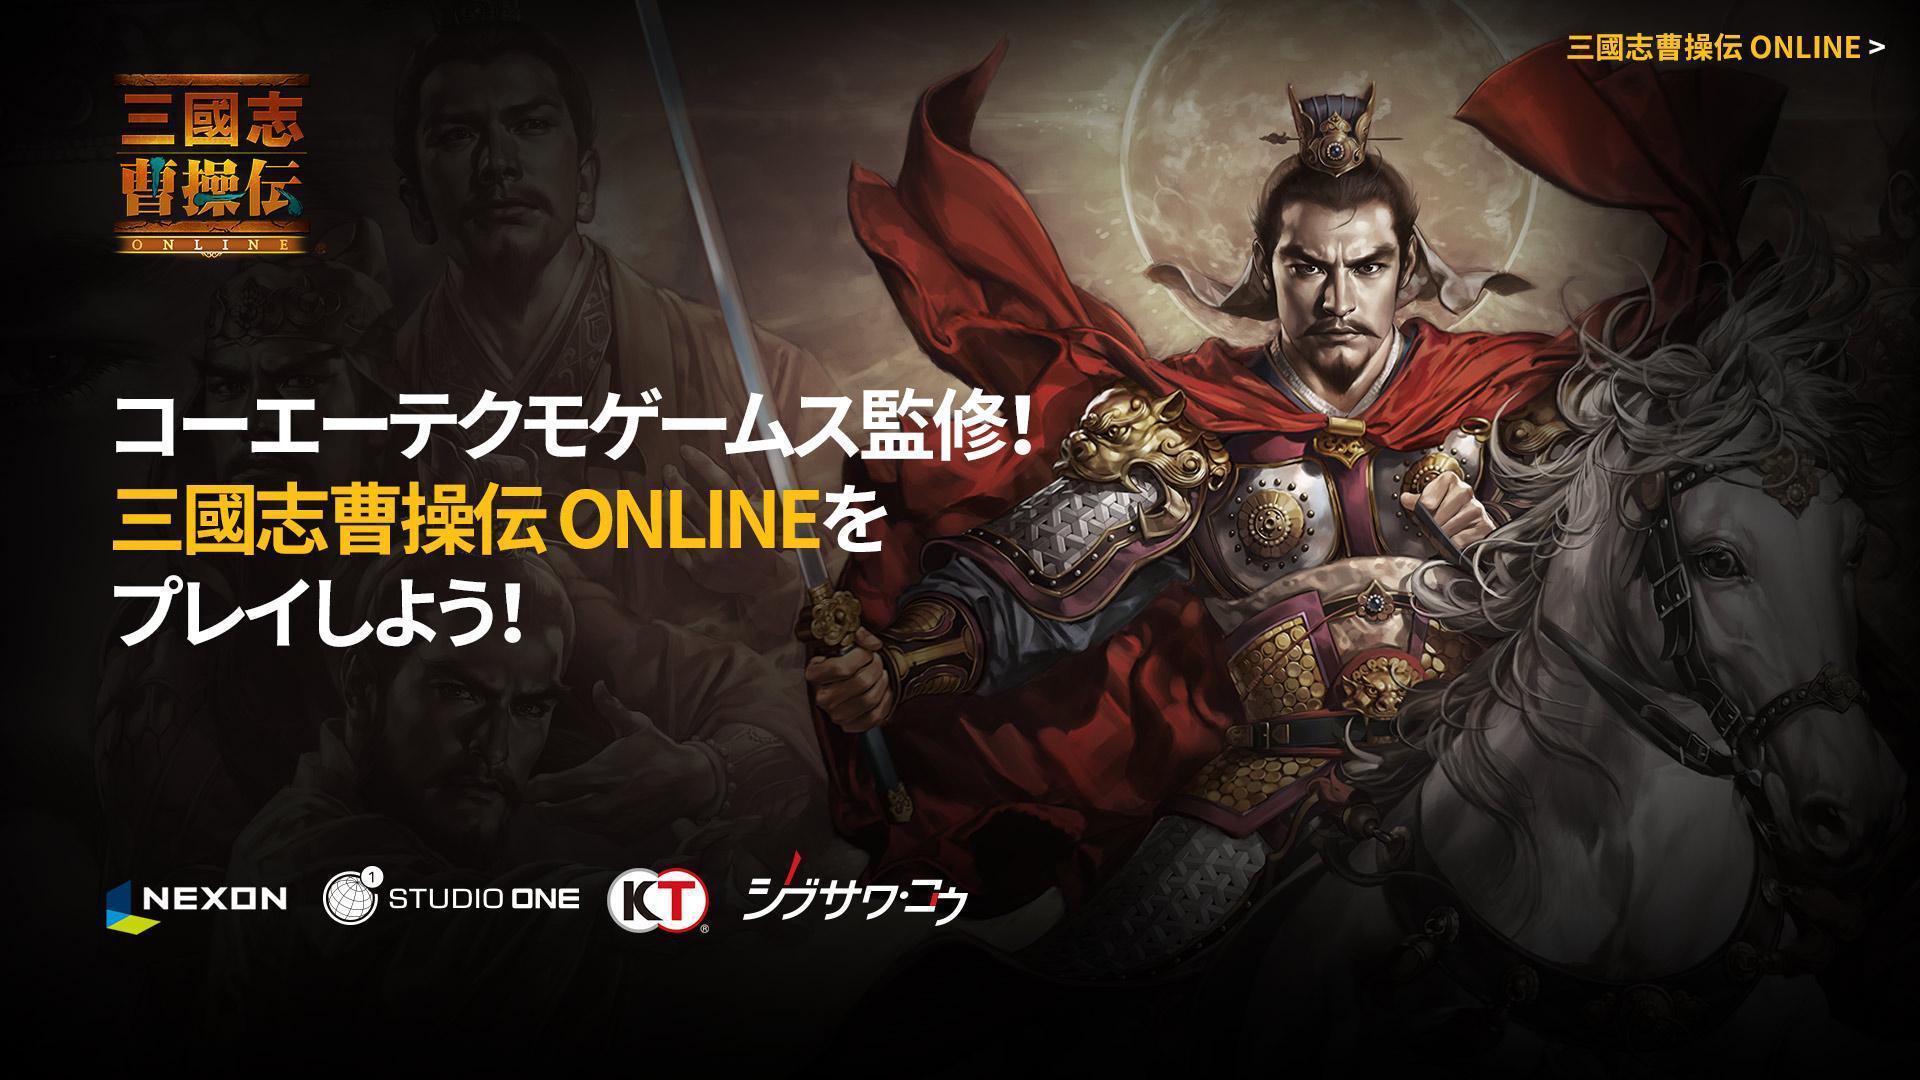 三国志曹操传 Online(日服) 游戏截图5